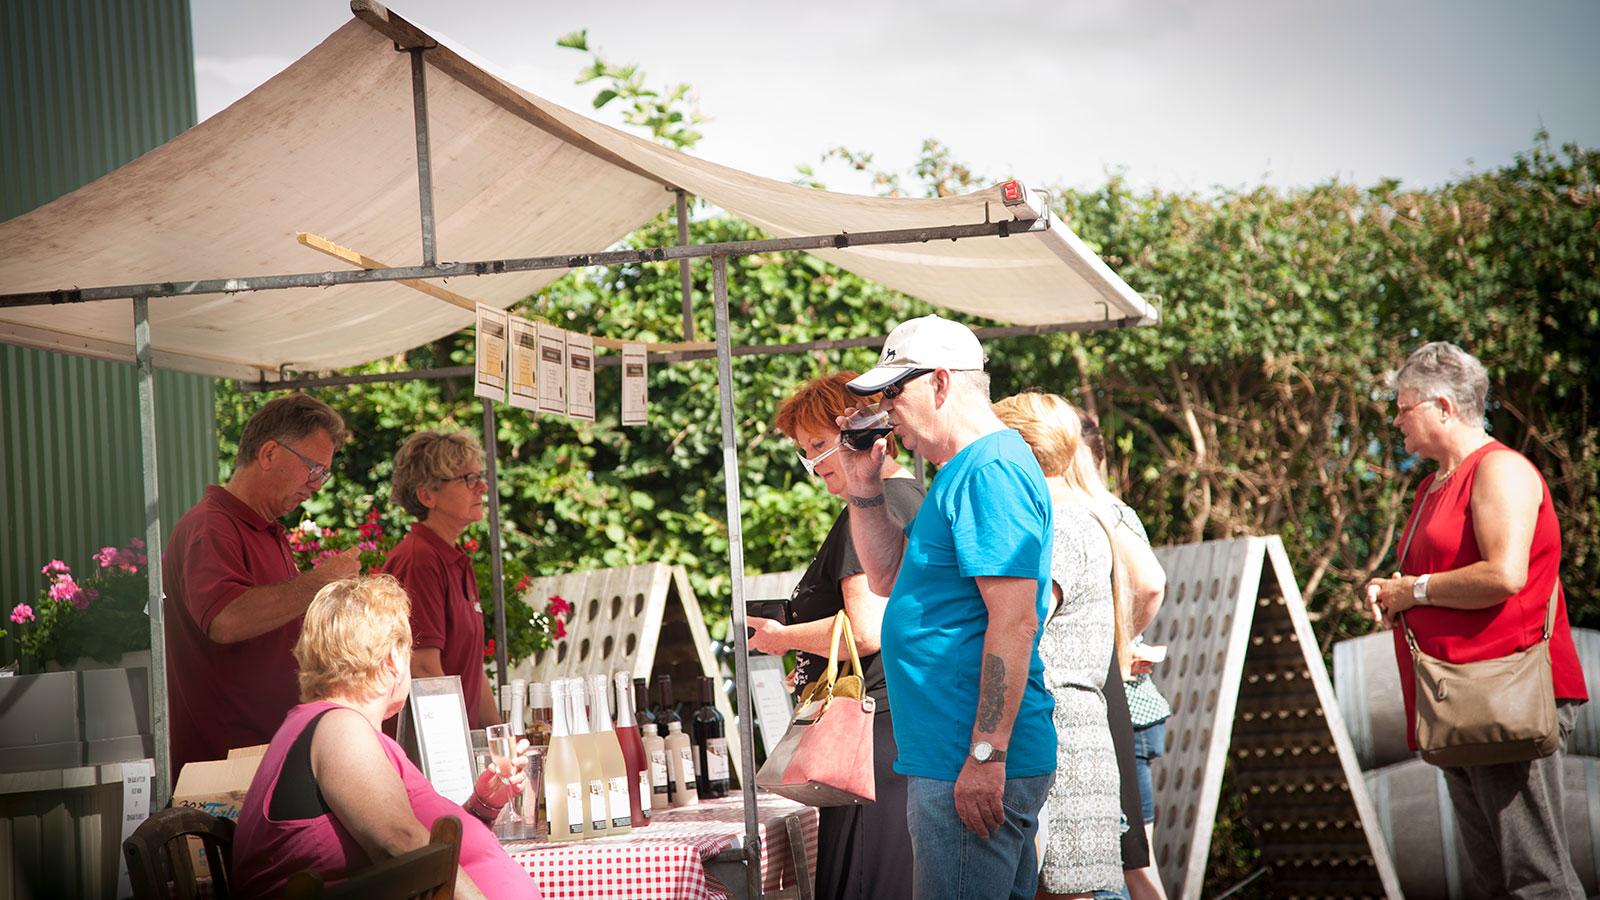 Pieter en Guja de Boer op een voorgaande editie van de streekmarkt. (Foto: www.wijndomeindekoen.nl)